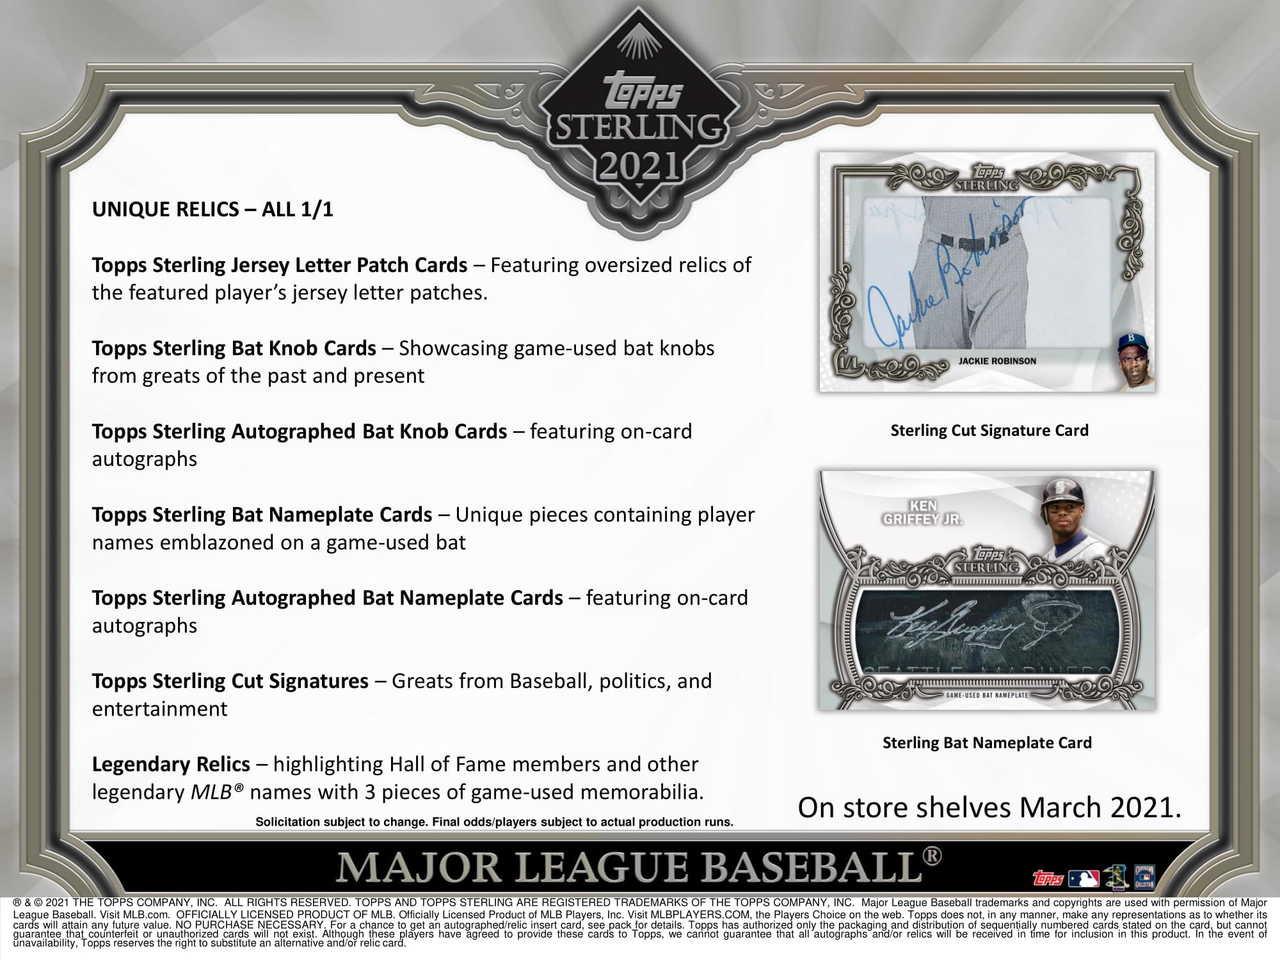 2021 Topps Sterling Baseball Hobby Box